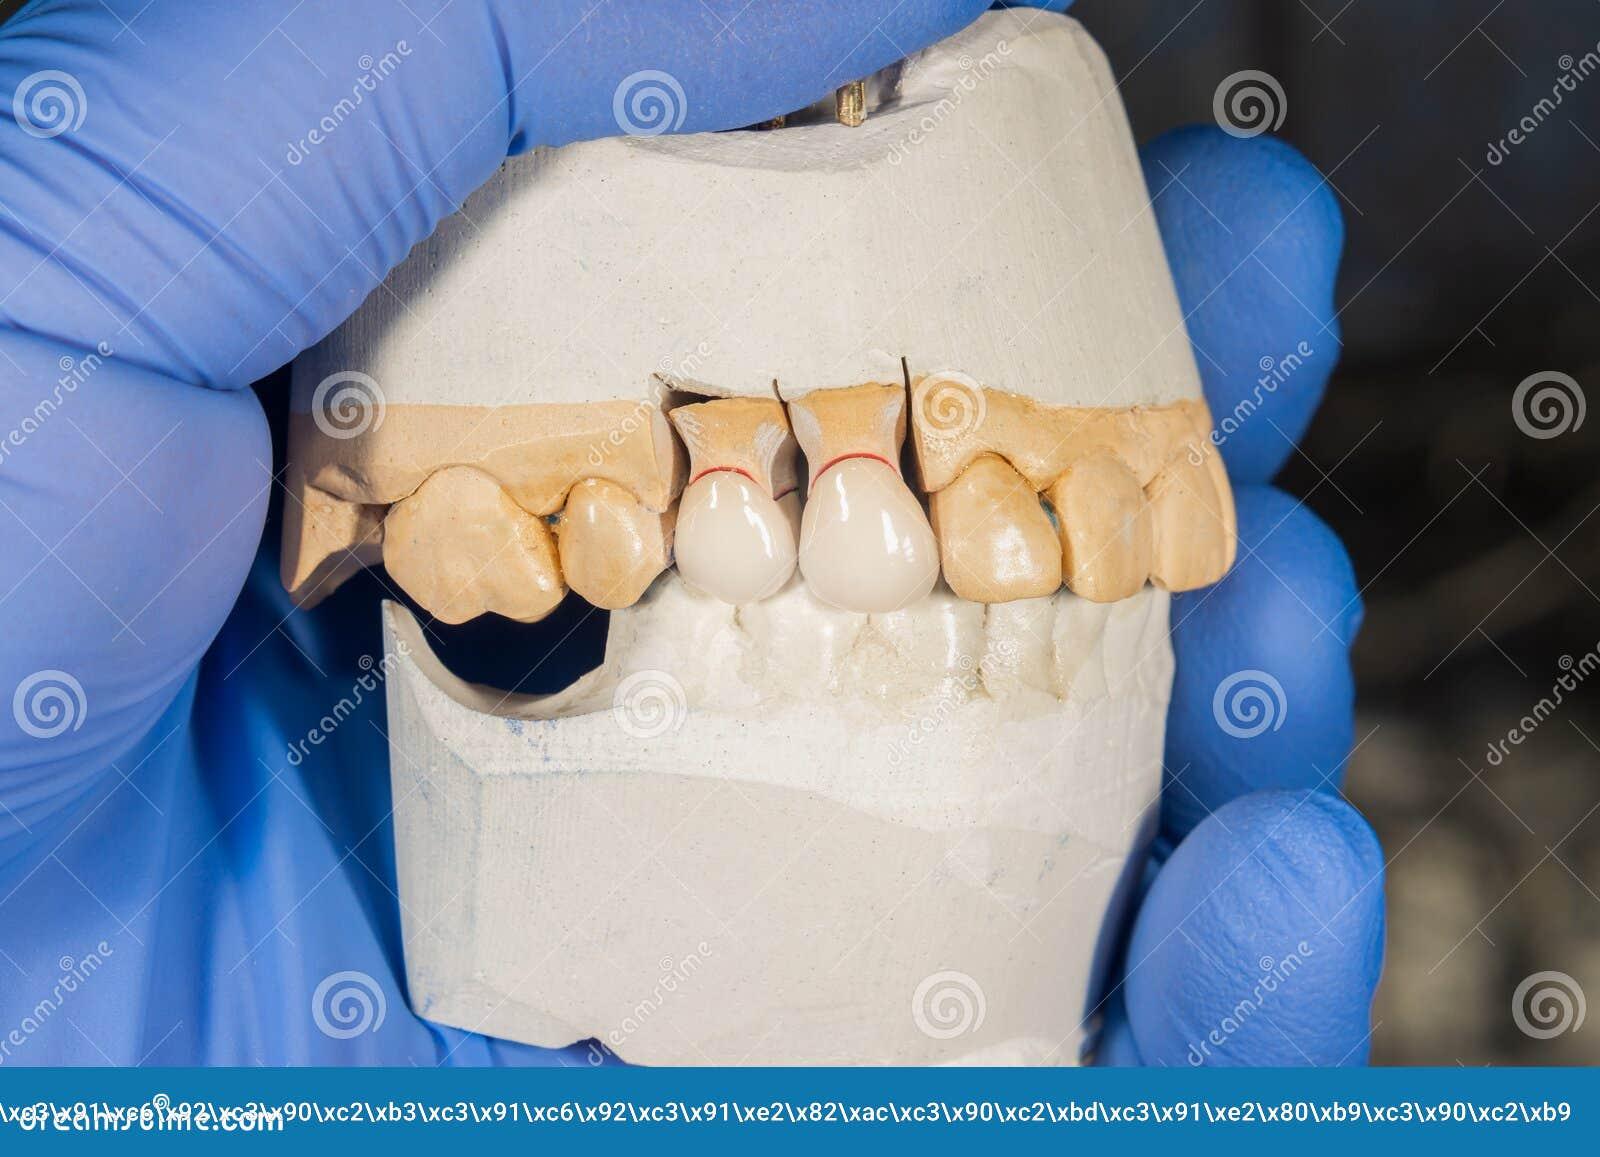 Keramische Zahnkronennahaufnahme auf einem Gipsmodell Zahnmedizinische Prothese